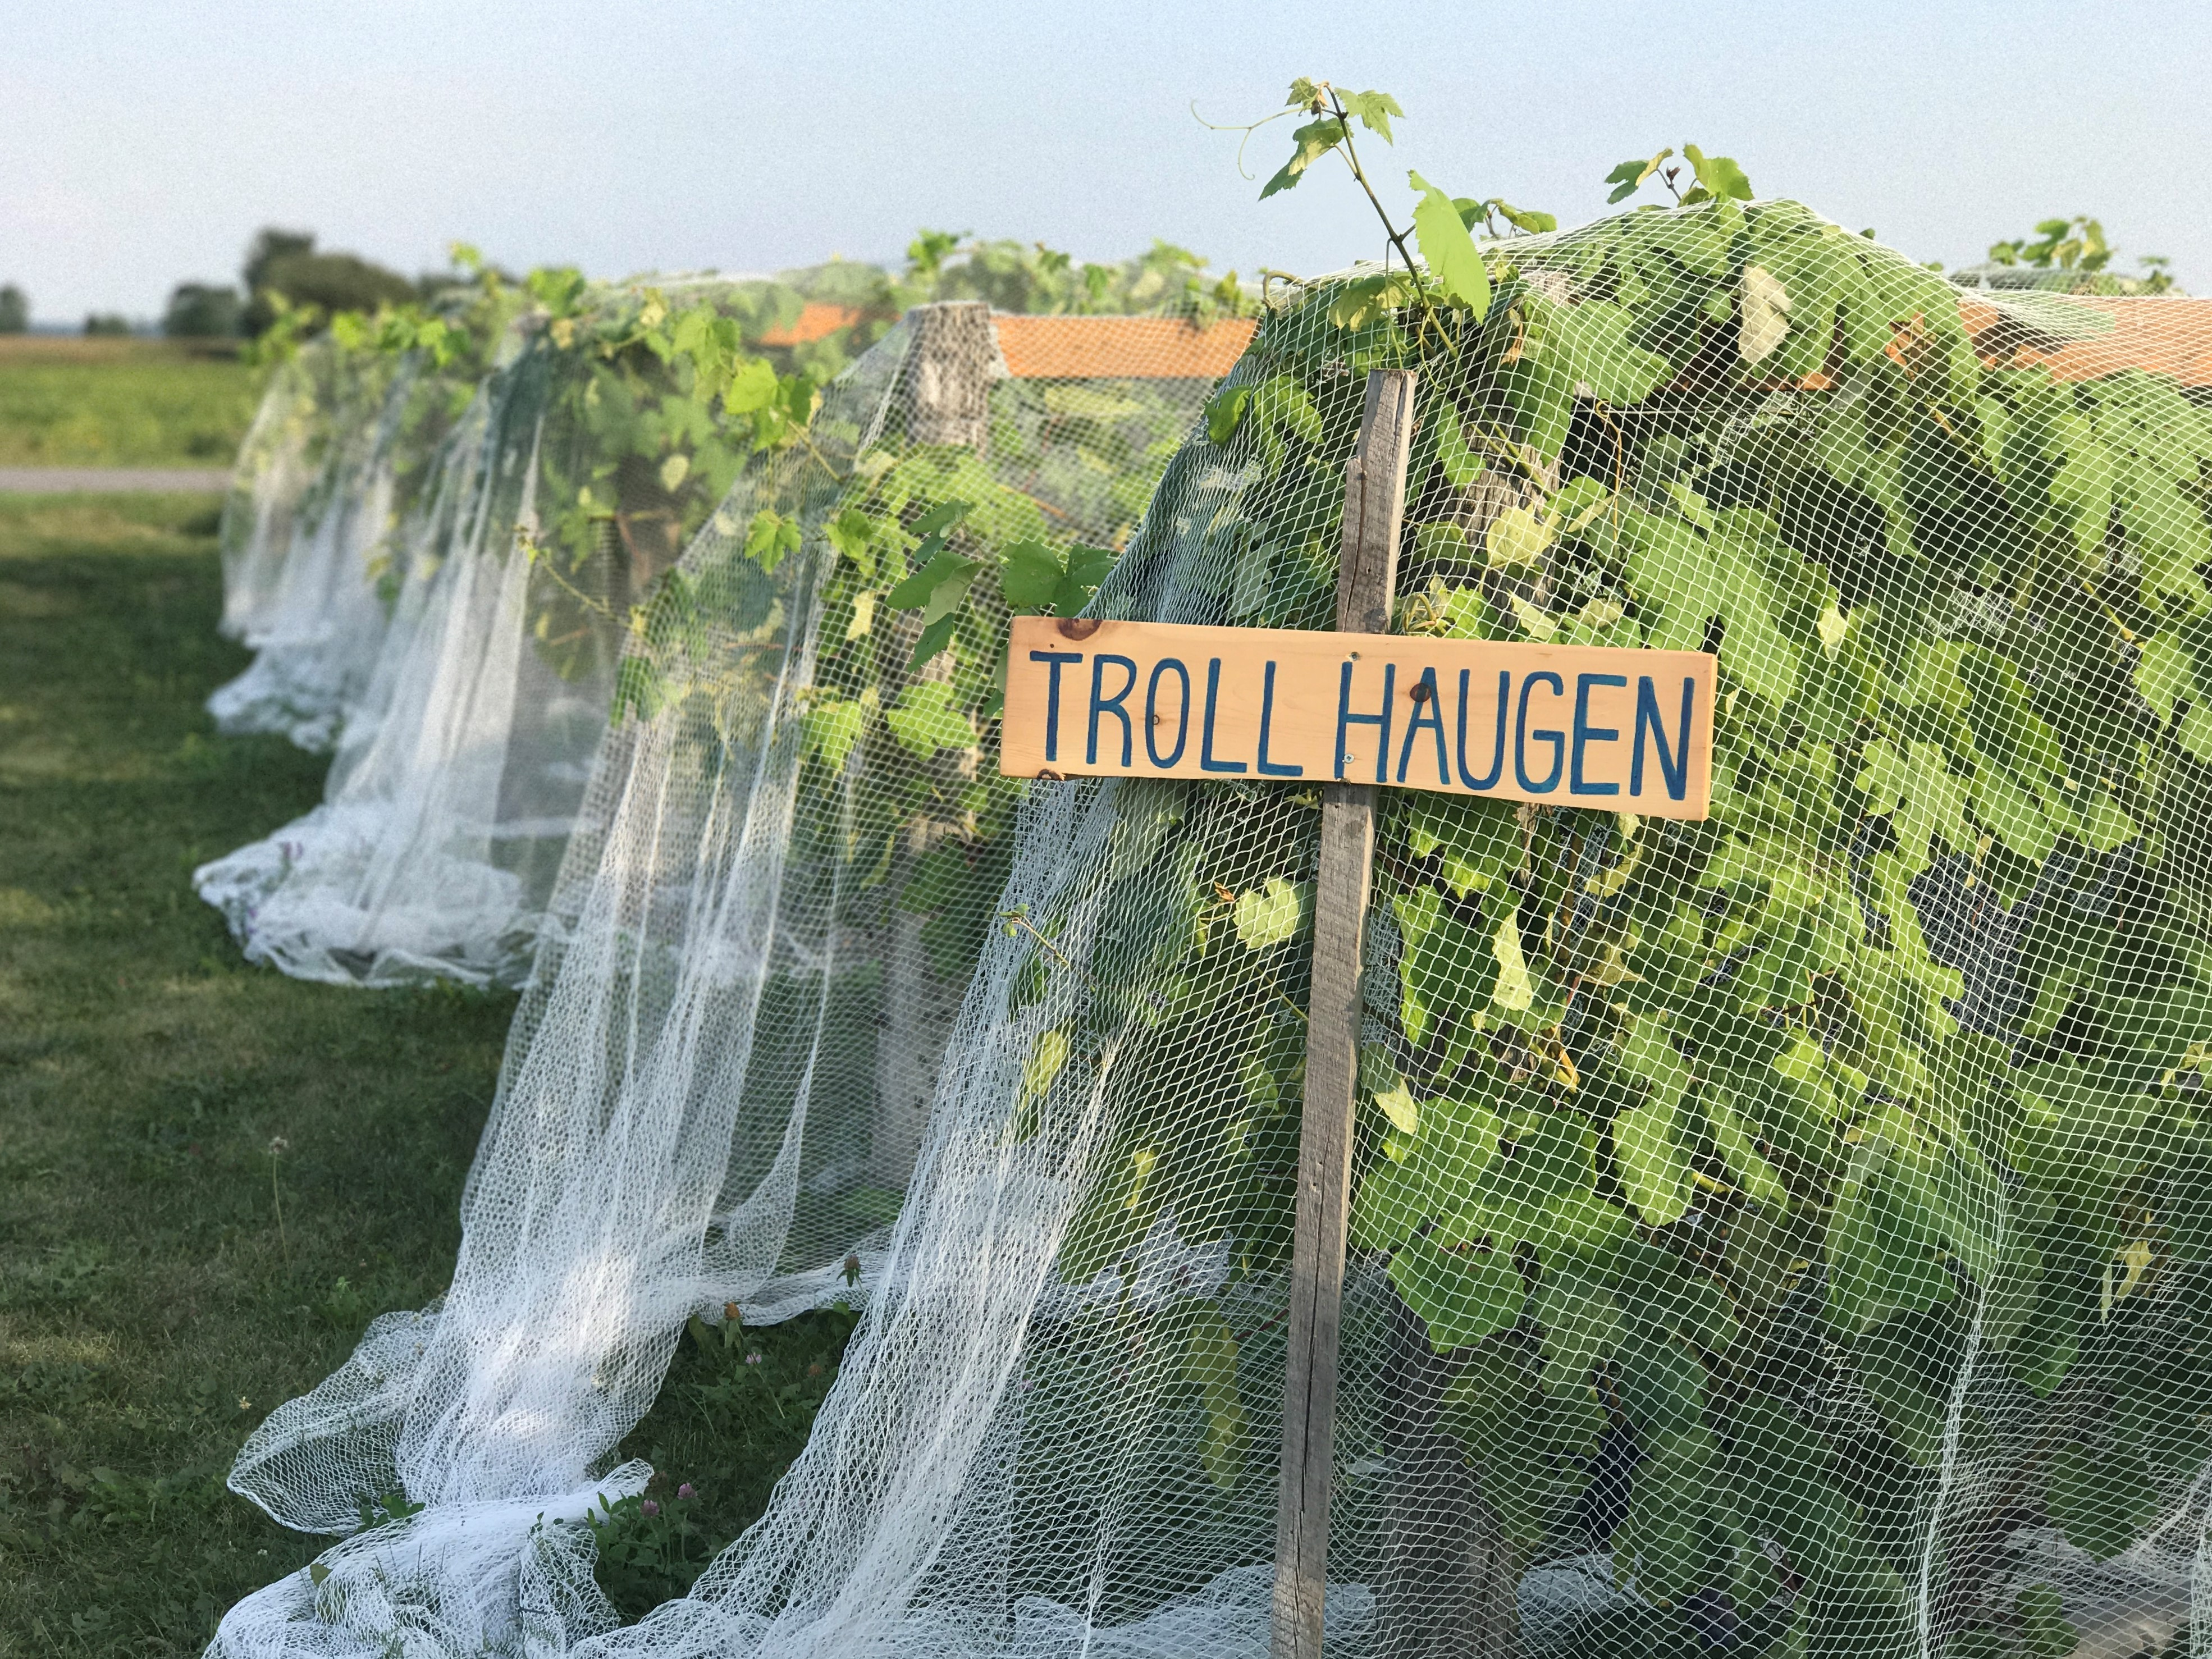 Troll Haugen